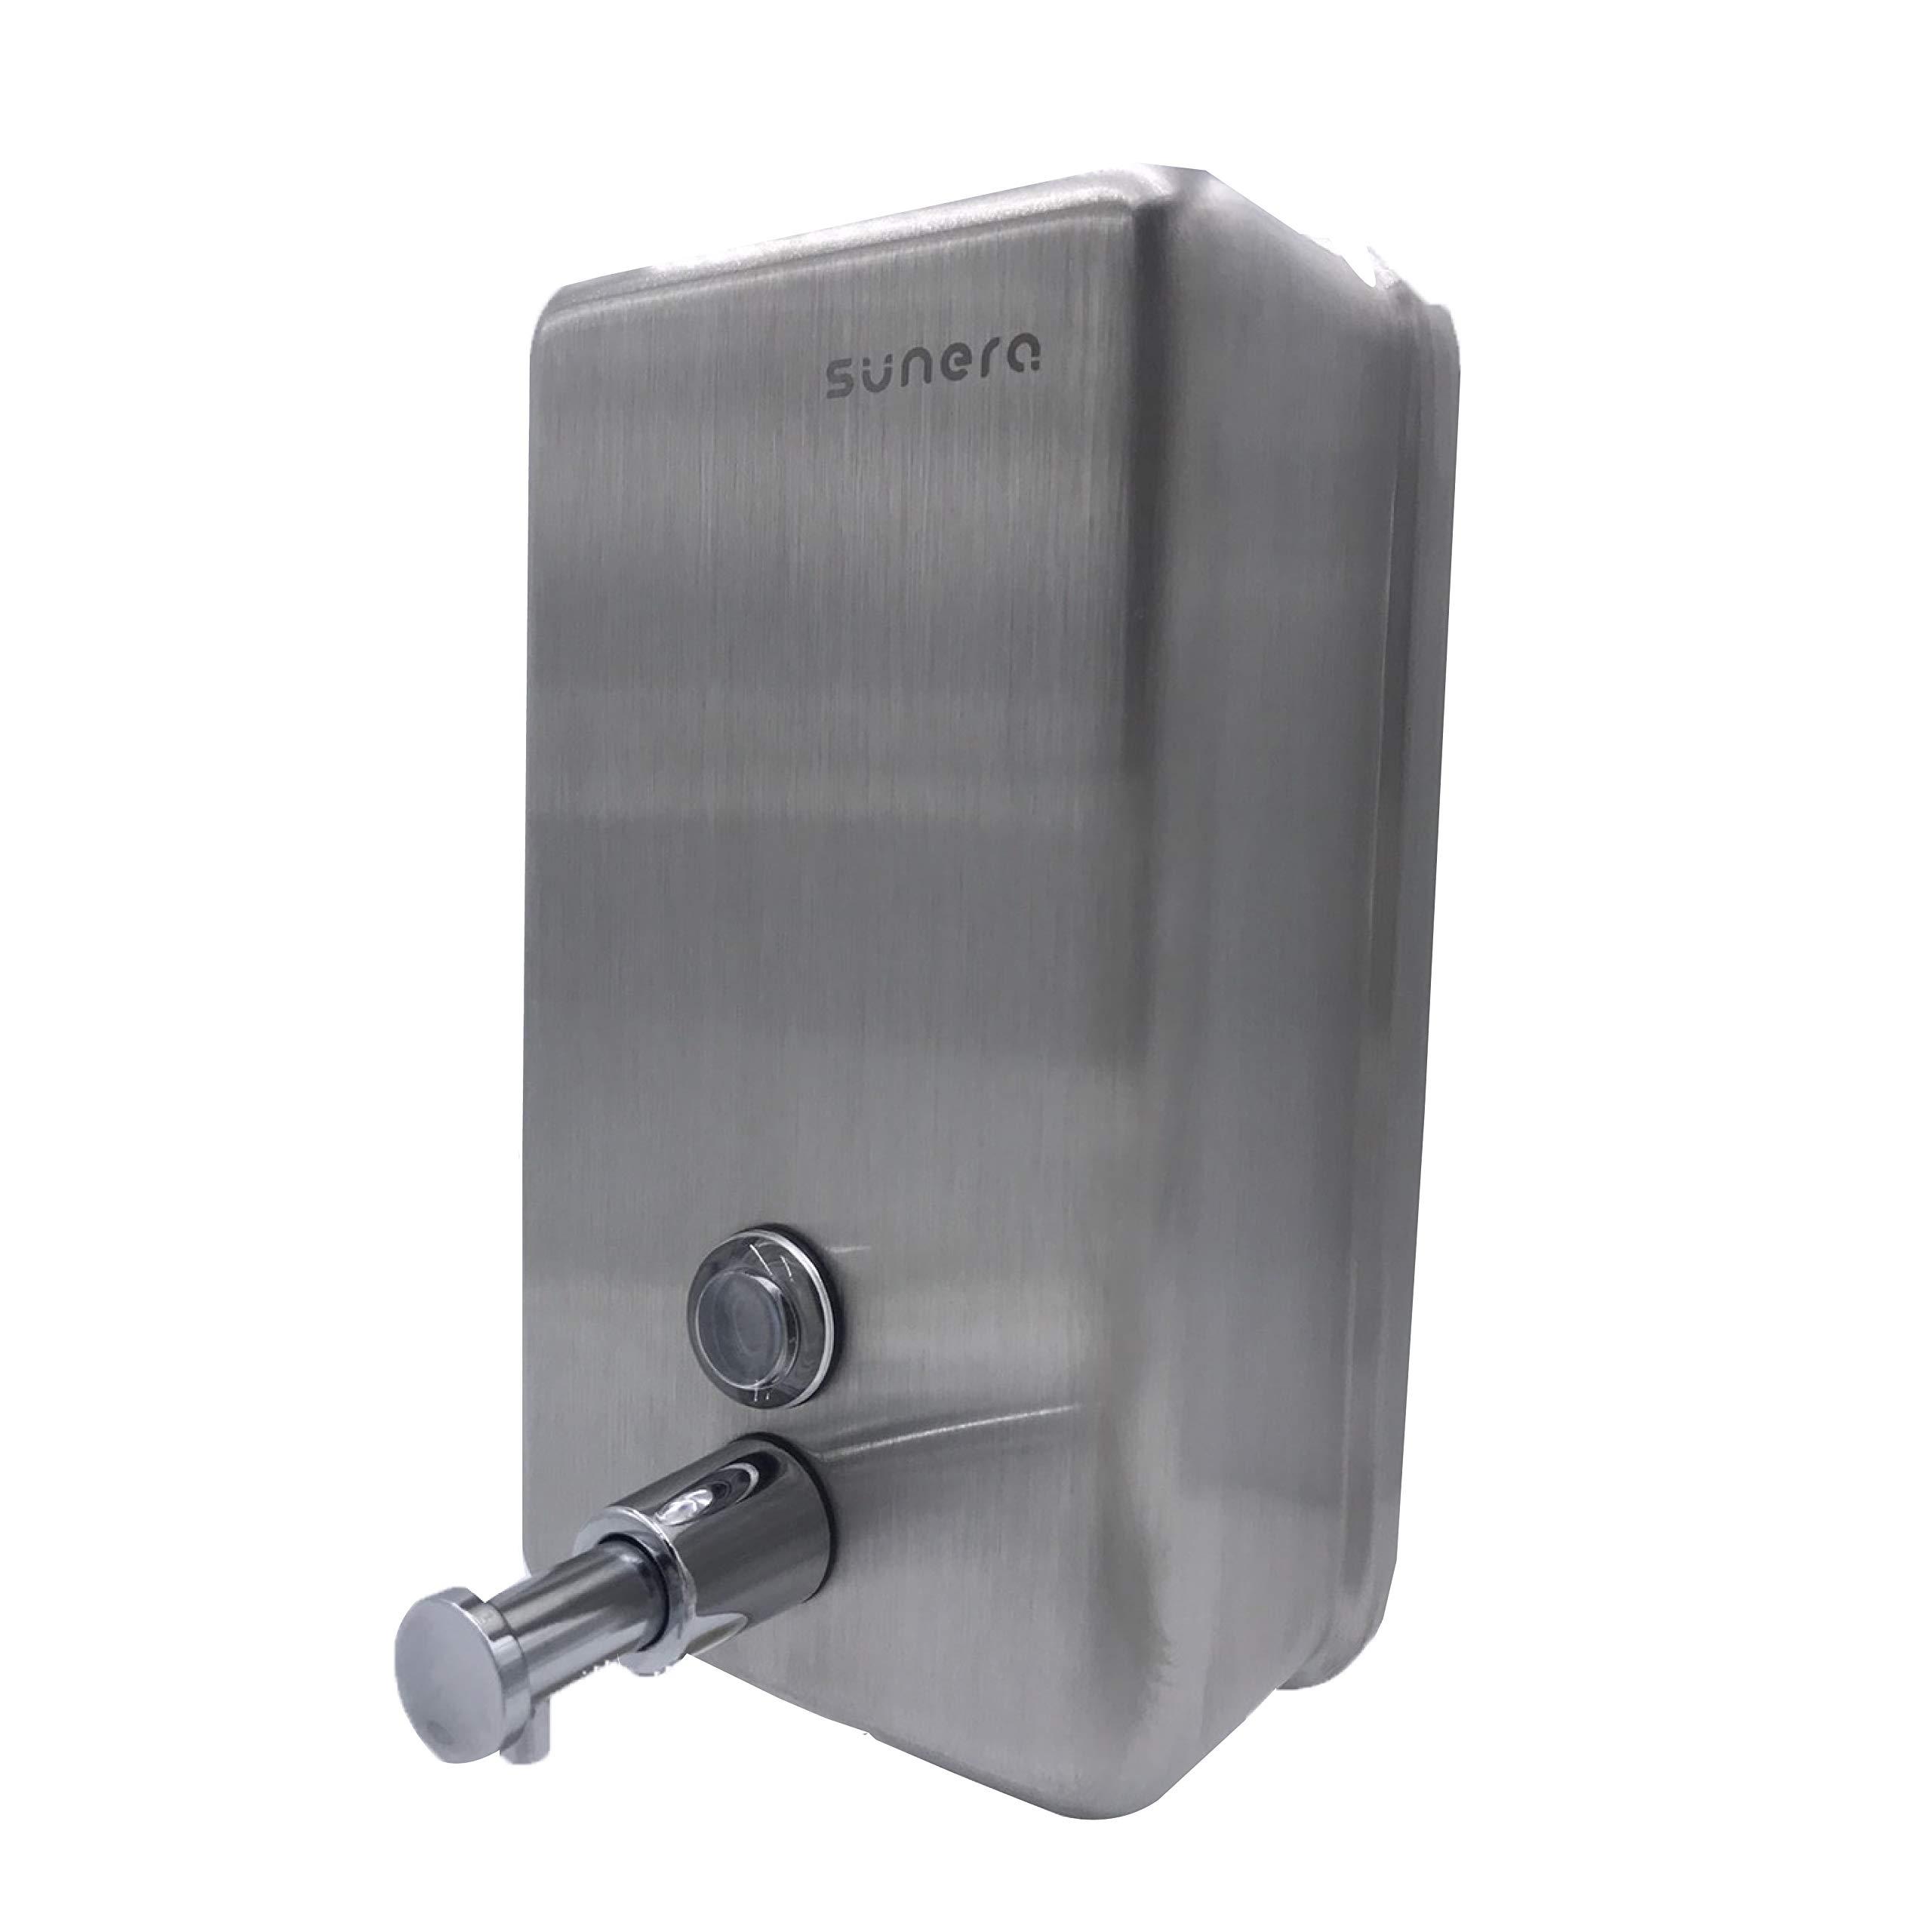 Sunera Liquid Soap Dispenser Chrome Brass Valve with Inner Tank Stainless Steel Satin Finish 40oz/1200ml